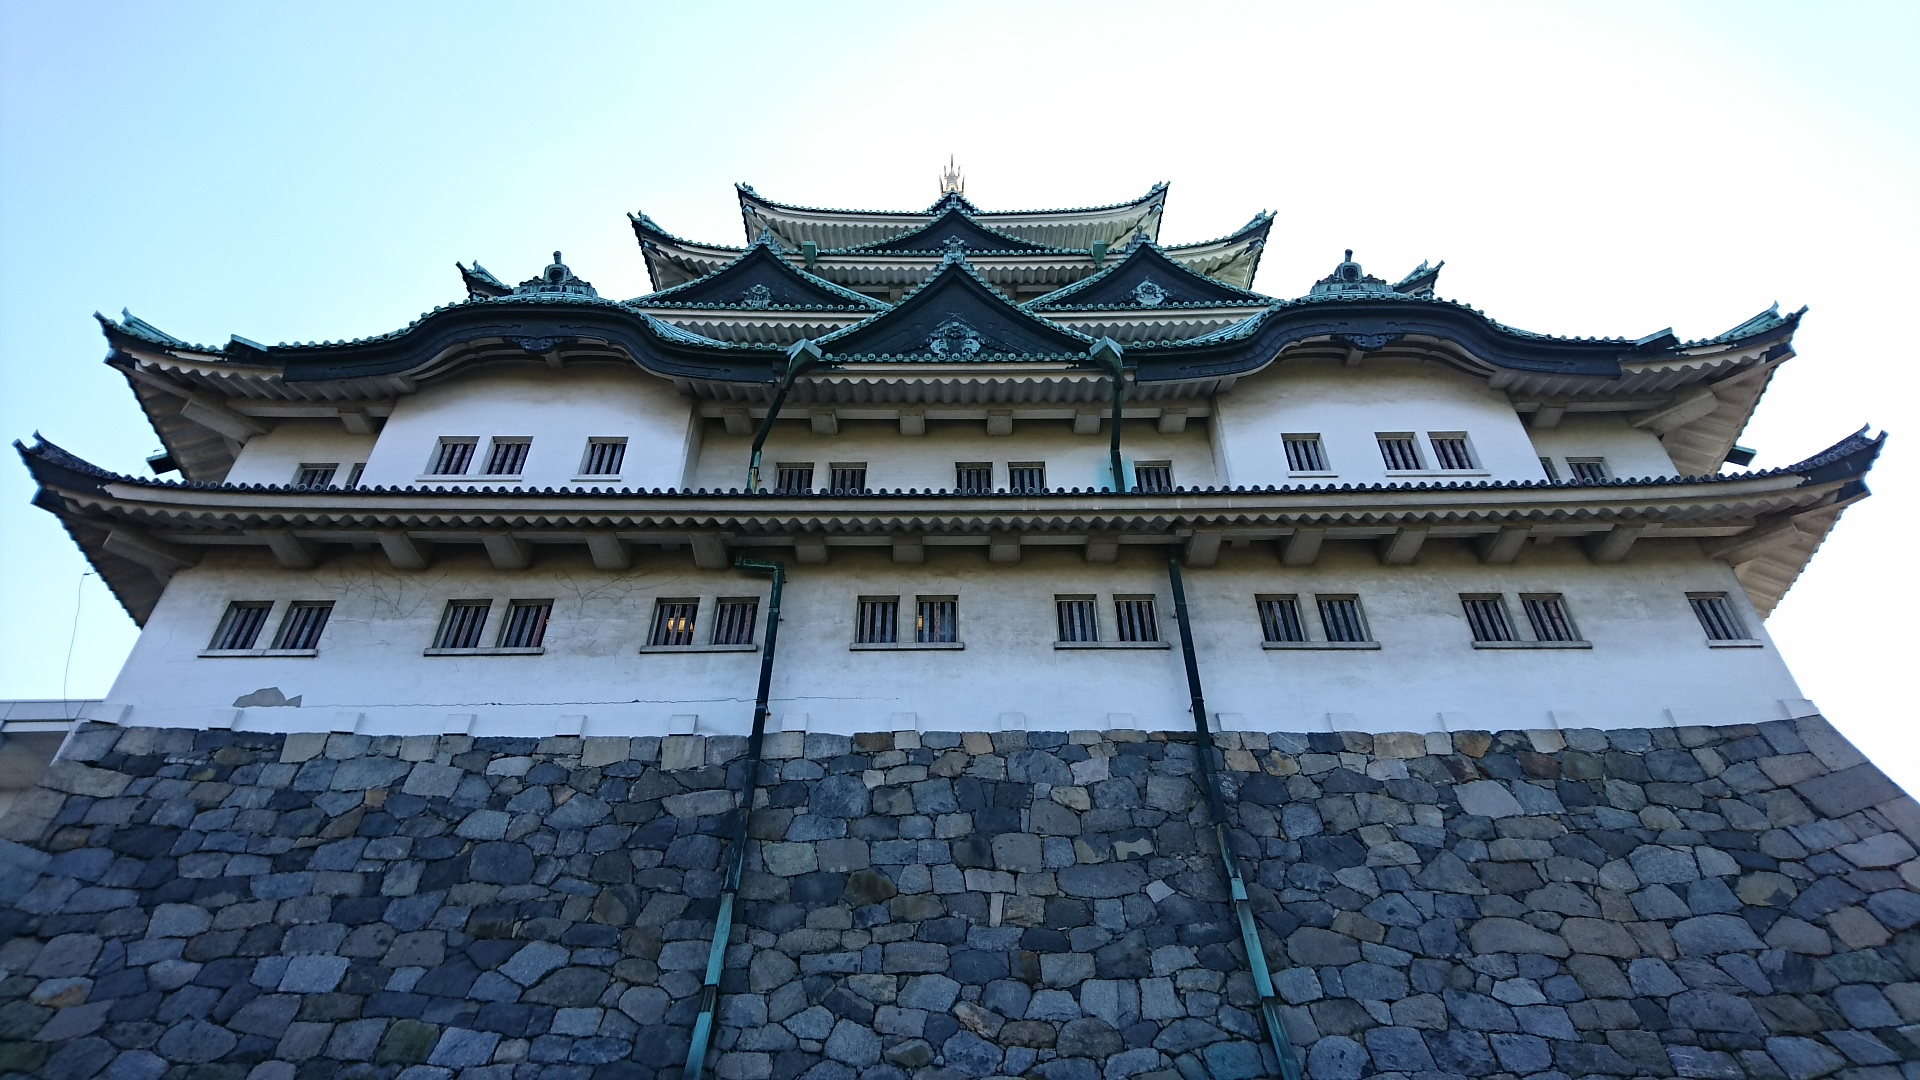 2017.11.3 名古屋城 (13) 天守閣(きたから) 1920-1080